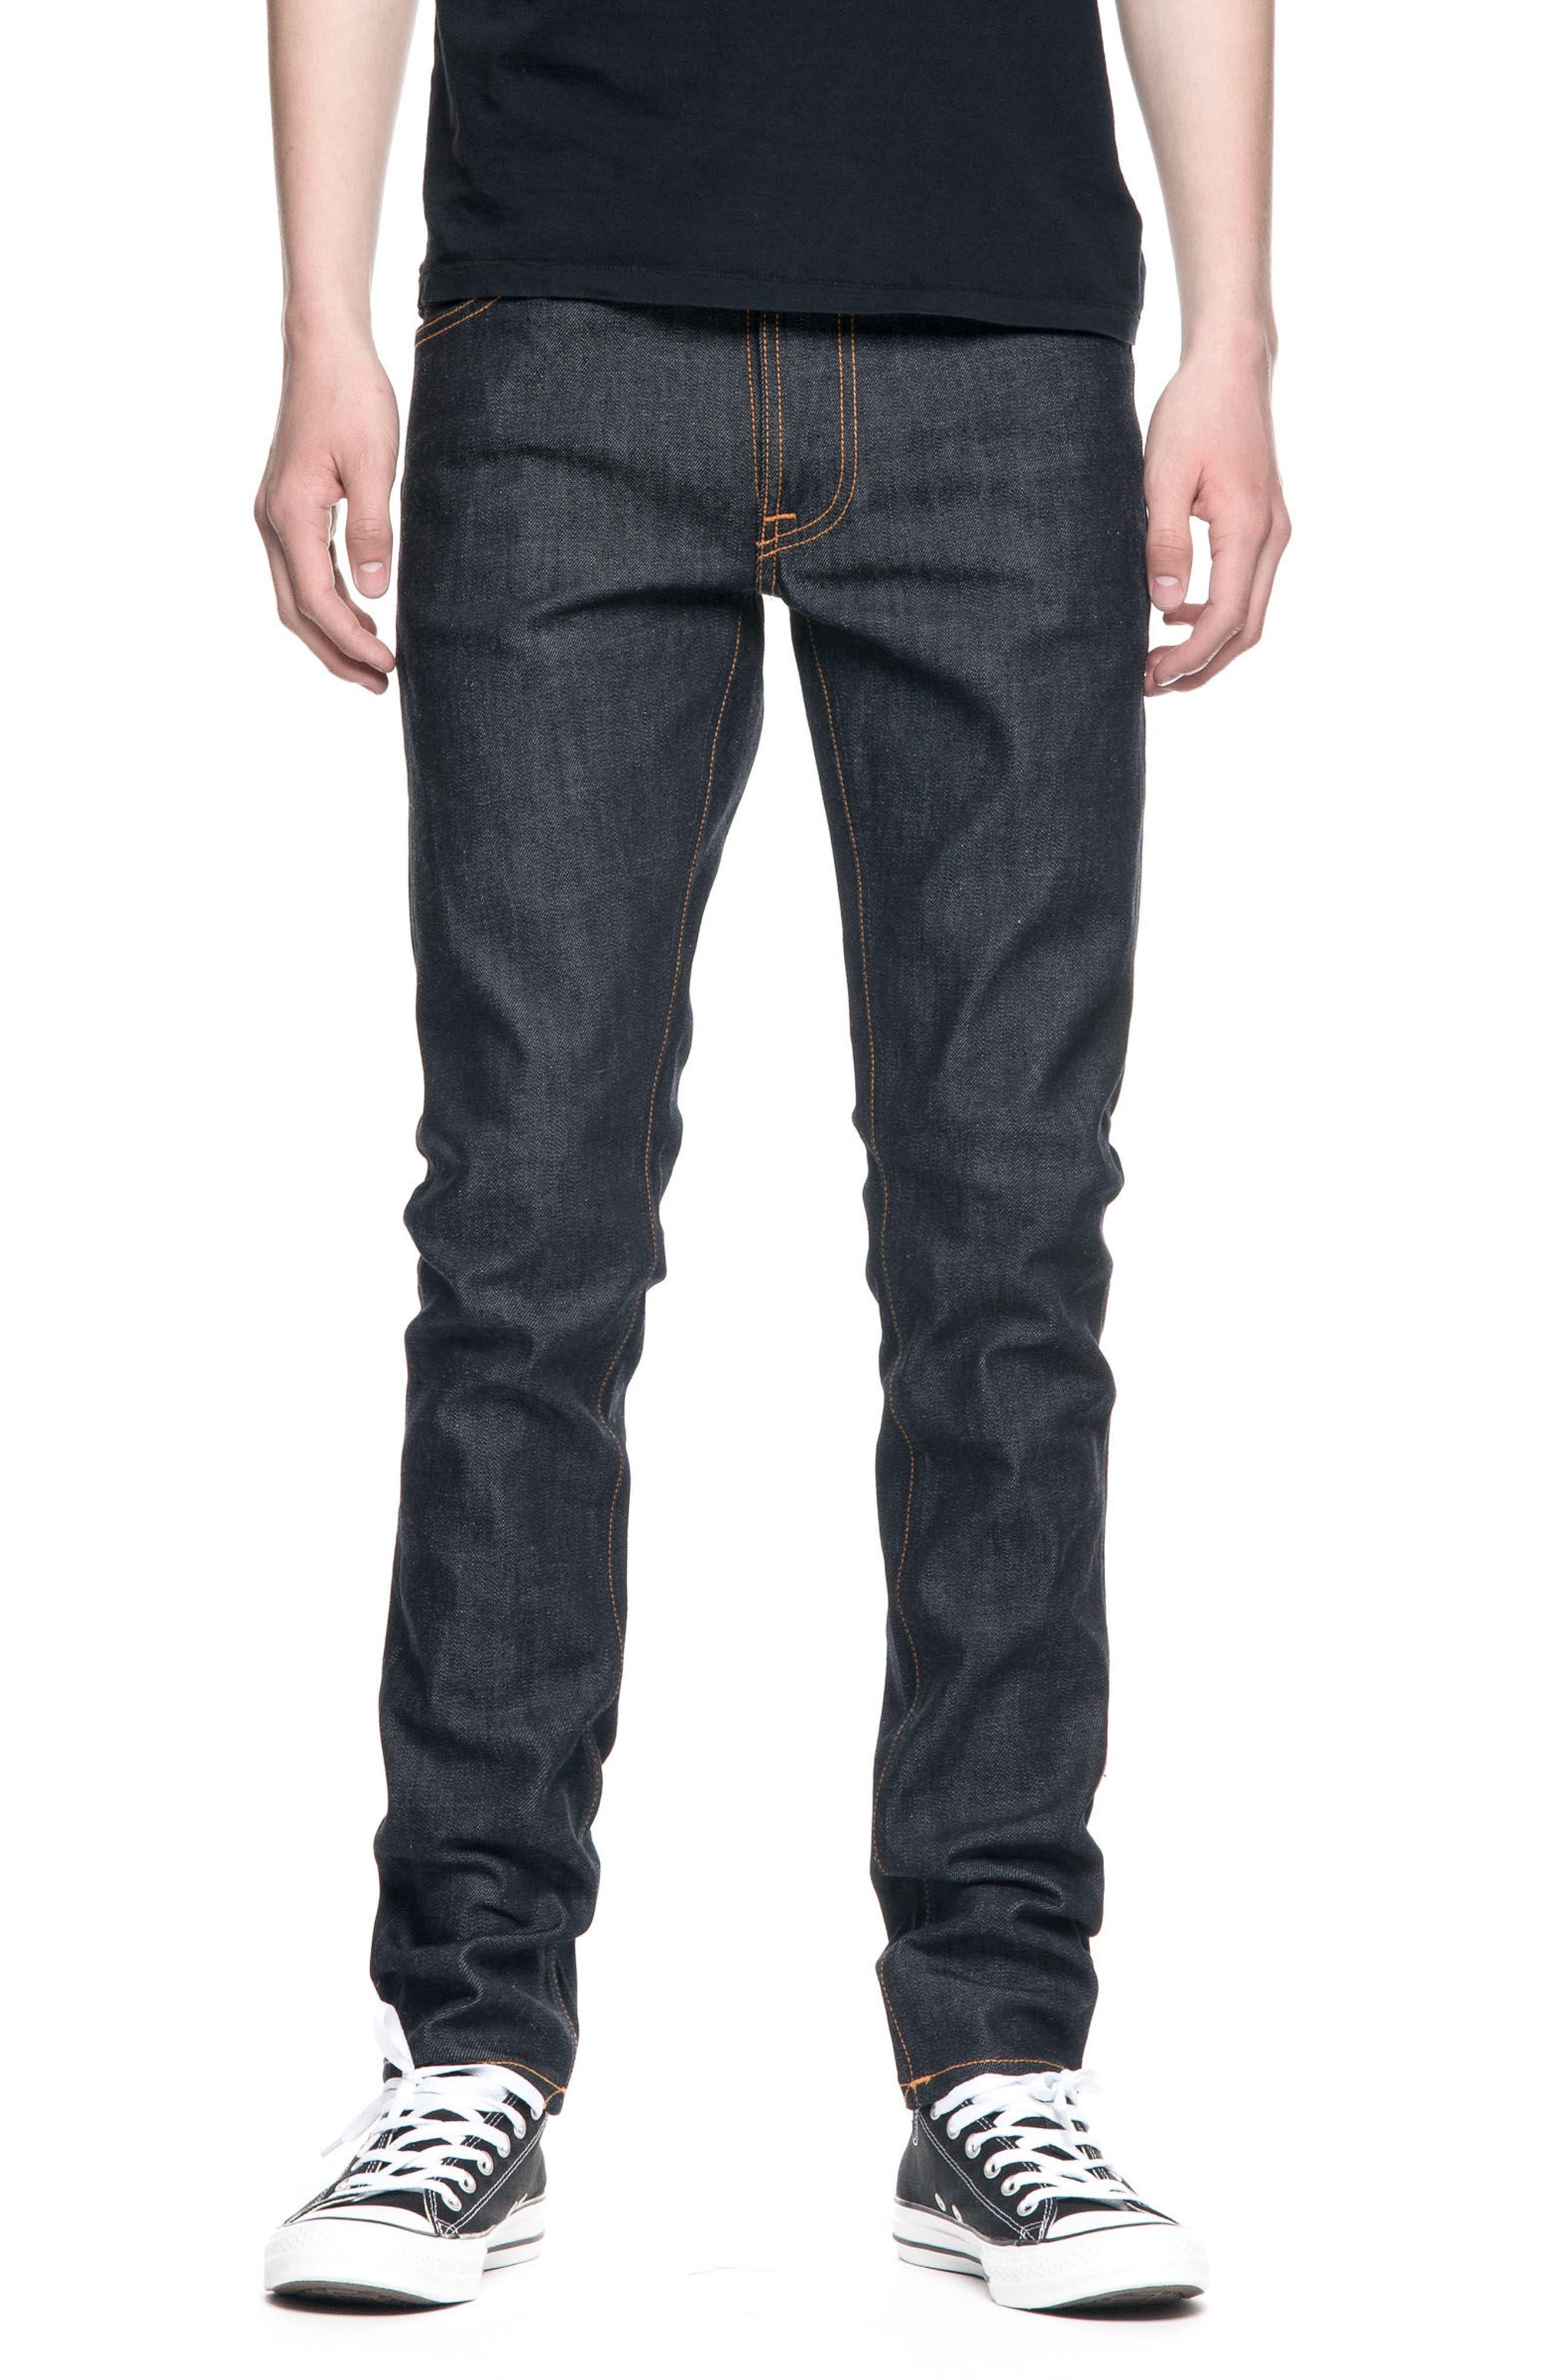 Nudie Jeans Lean Dean Slouchy Slim Fit Jeans (Dry Deep Layers)